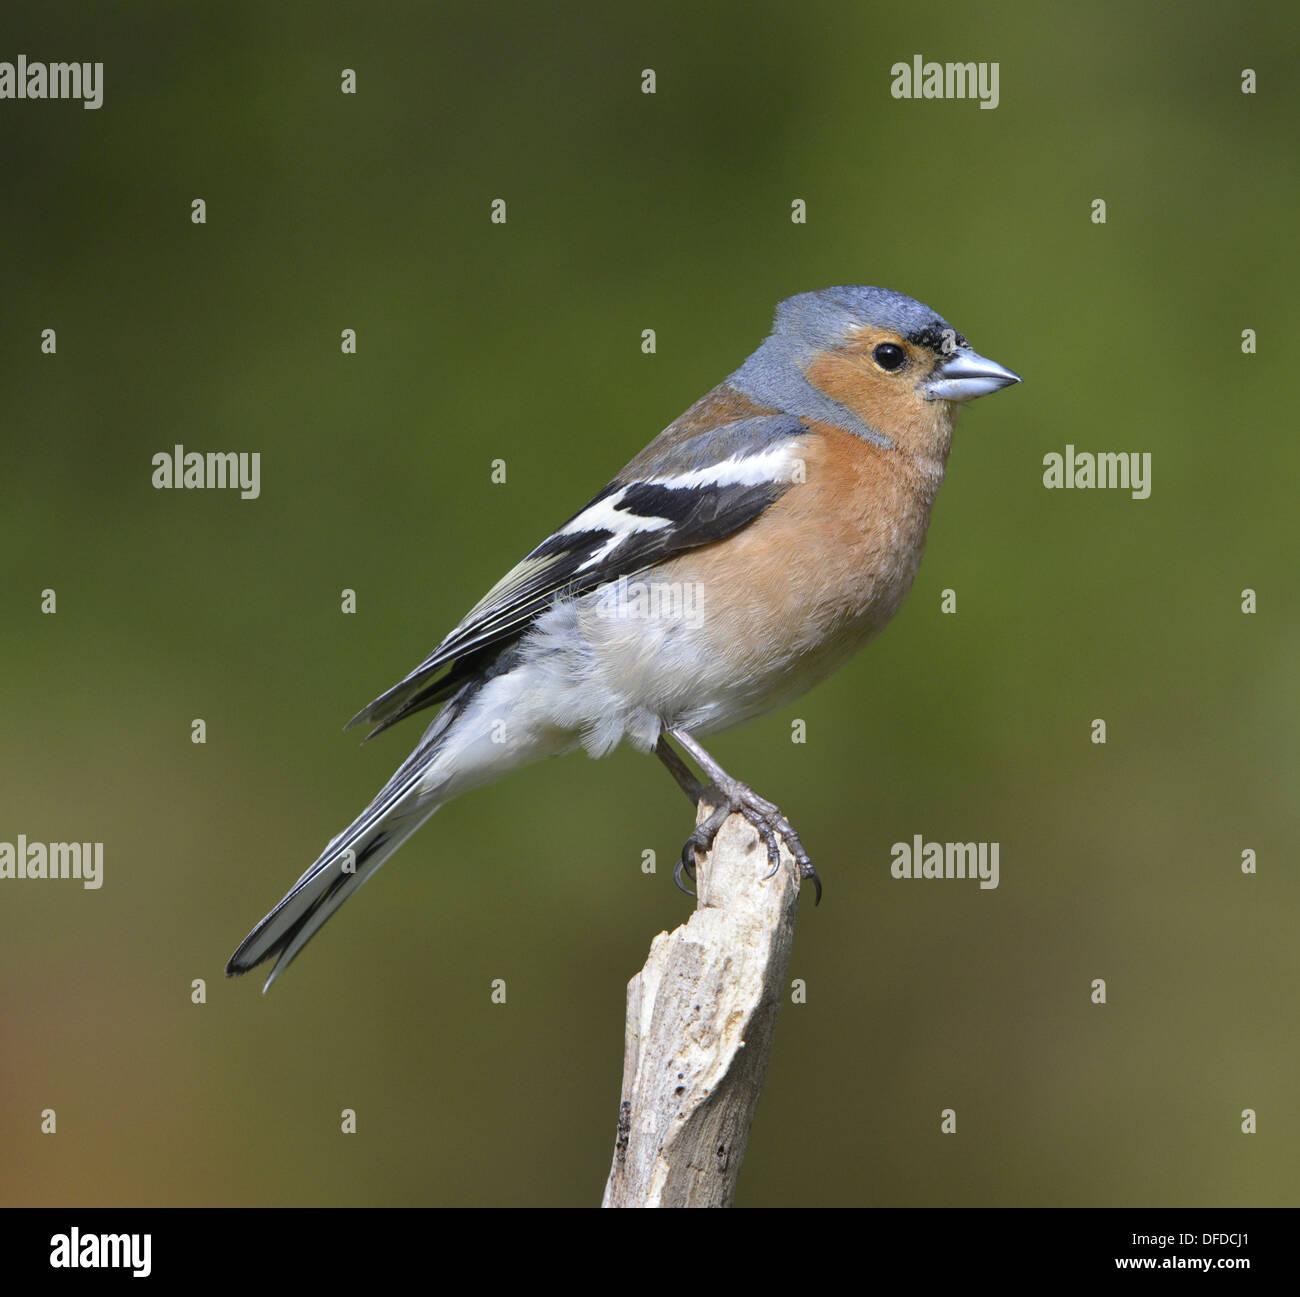 Chaffinch Fringilla coelebs - Stock Image